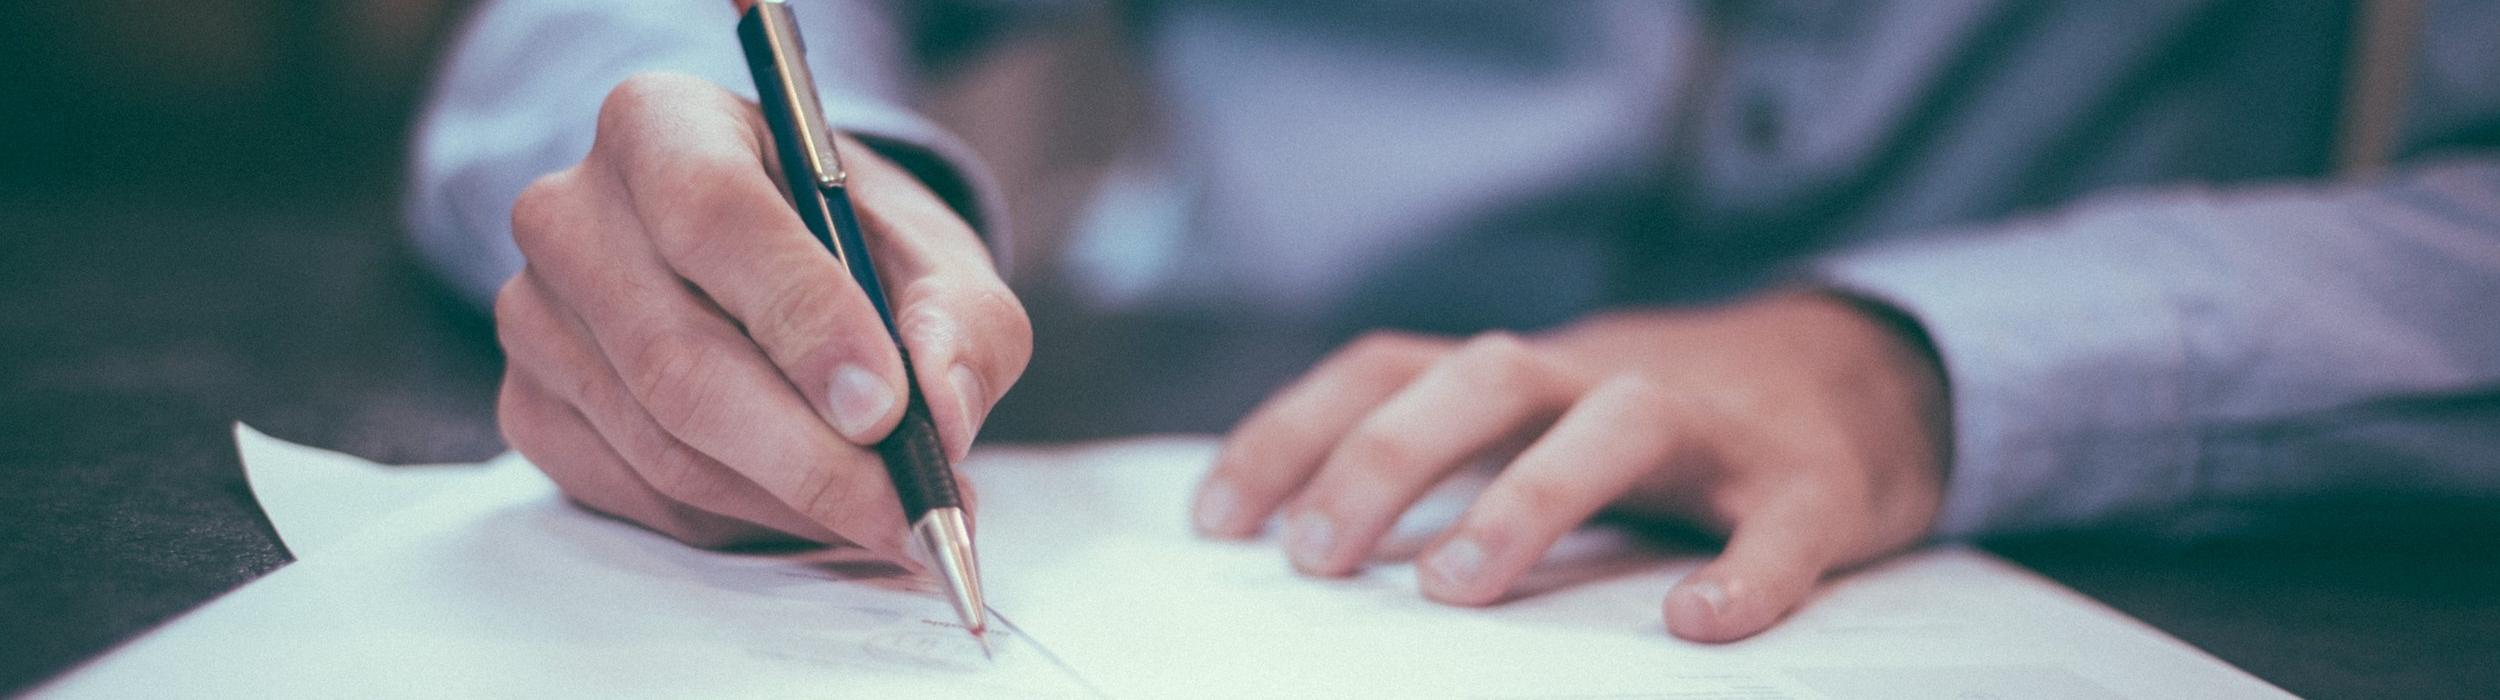 Wills, Estate Planning, Probate & Elder Law -